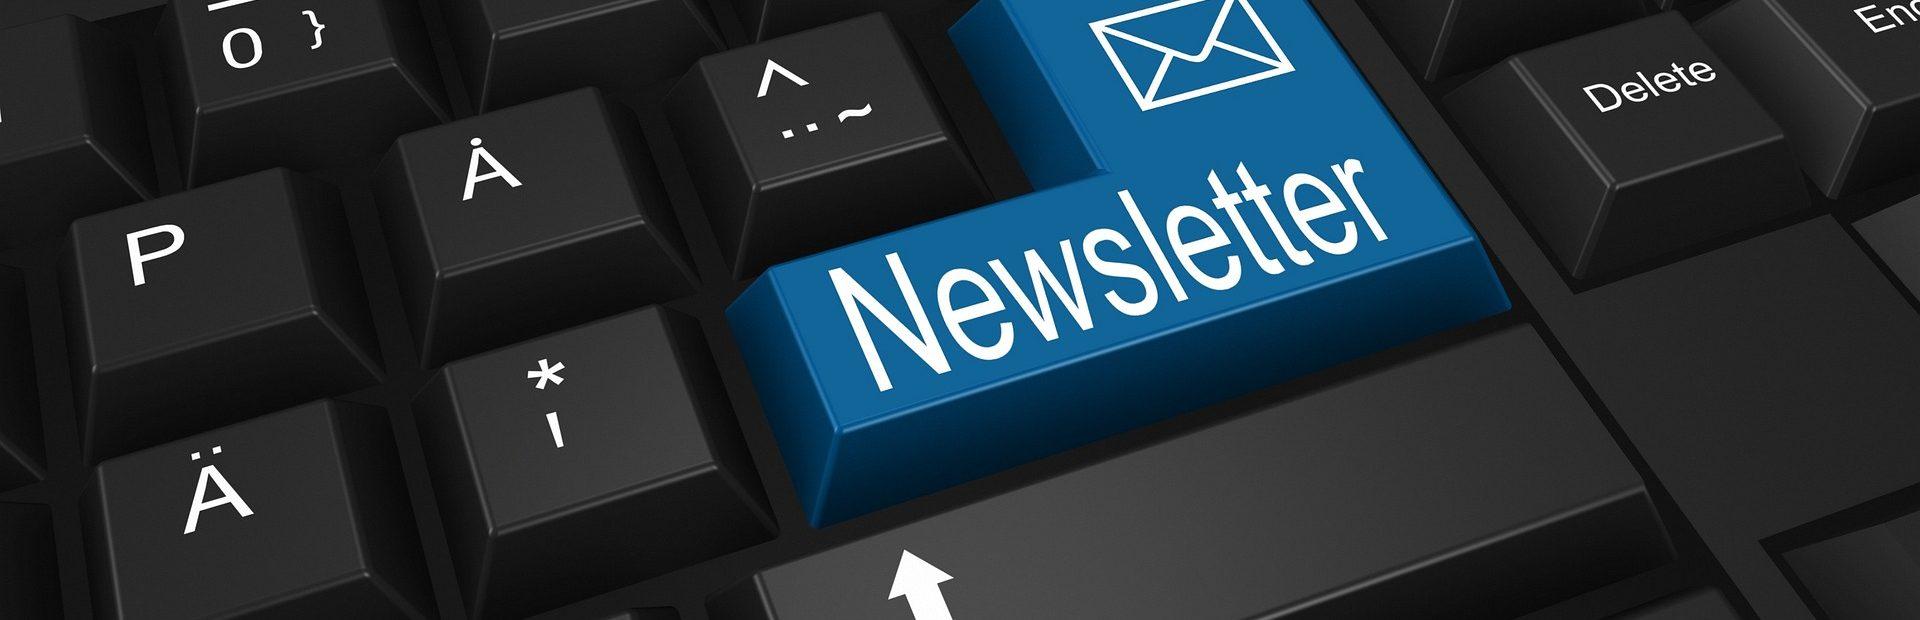 Auf dem Bild ist eine Tastatur mit einem blauen Newsletter-Knopf.